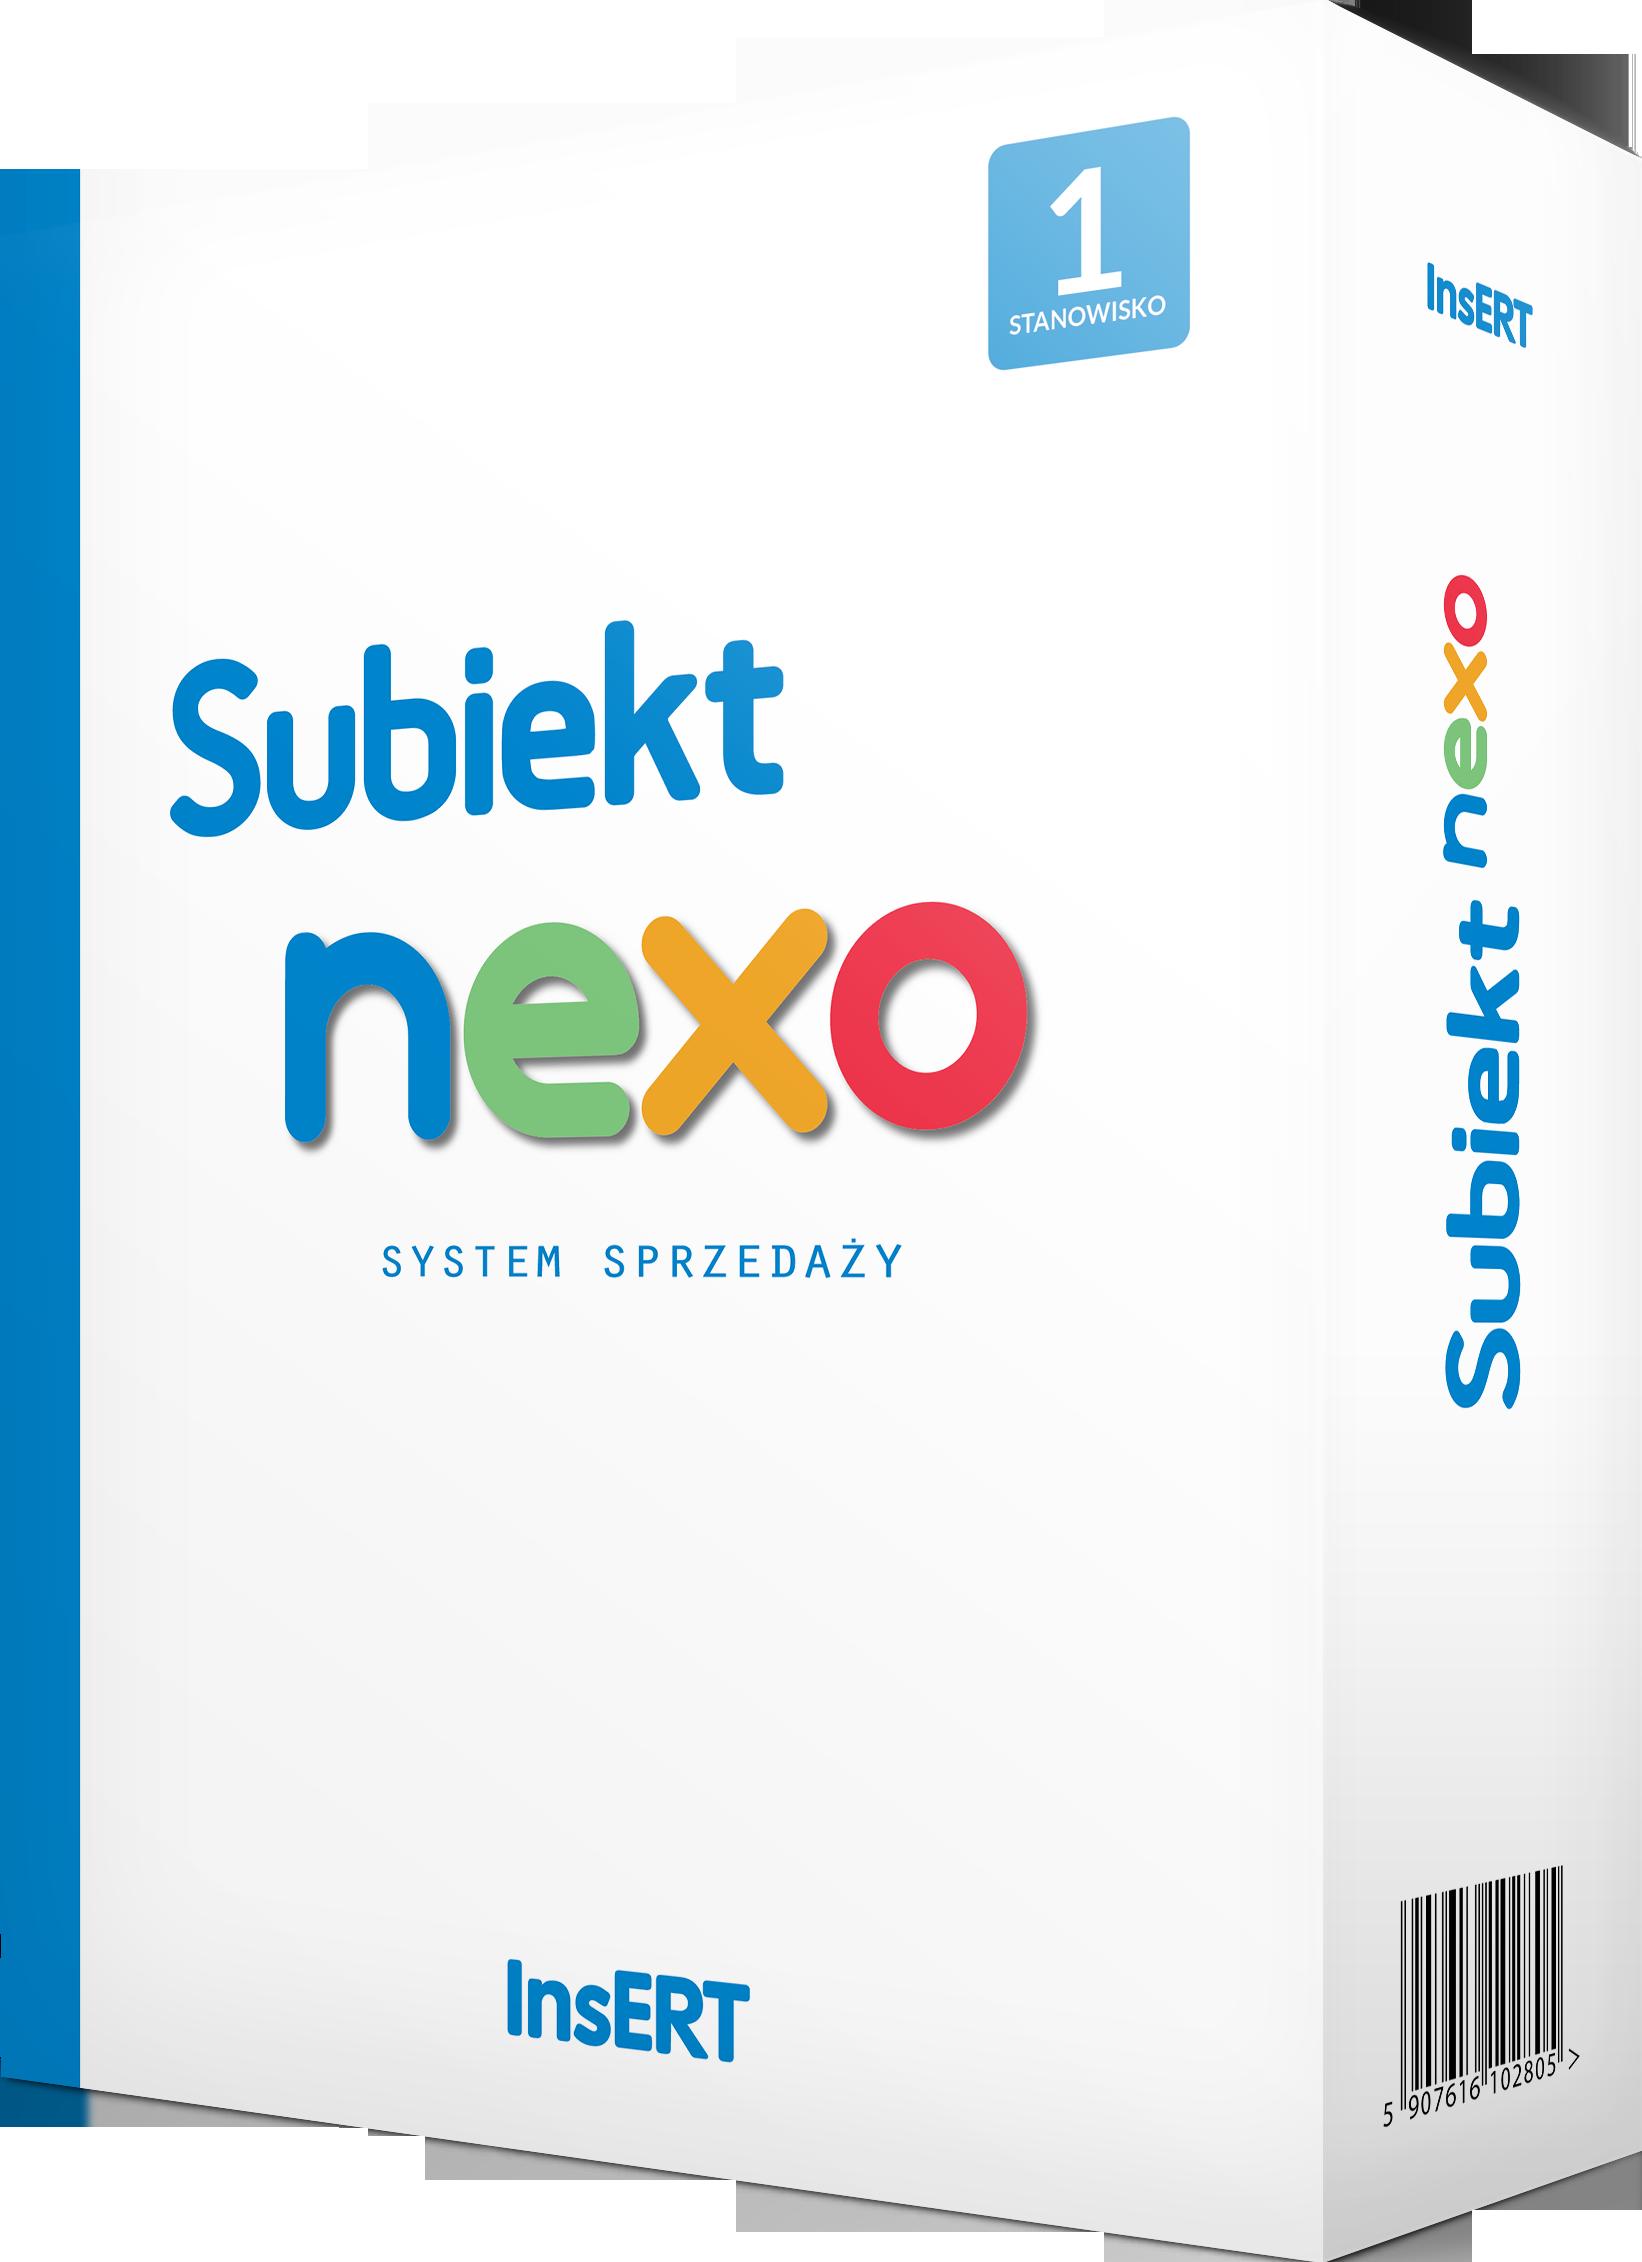 Subiekt_nexo_1_stanowisko_pudelko.png